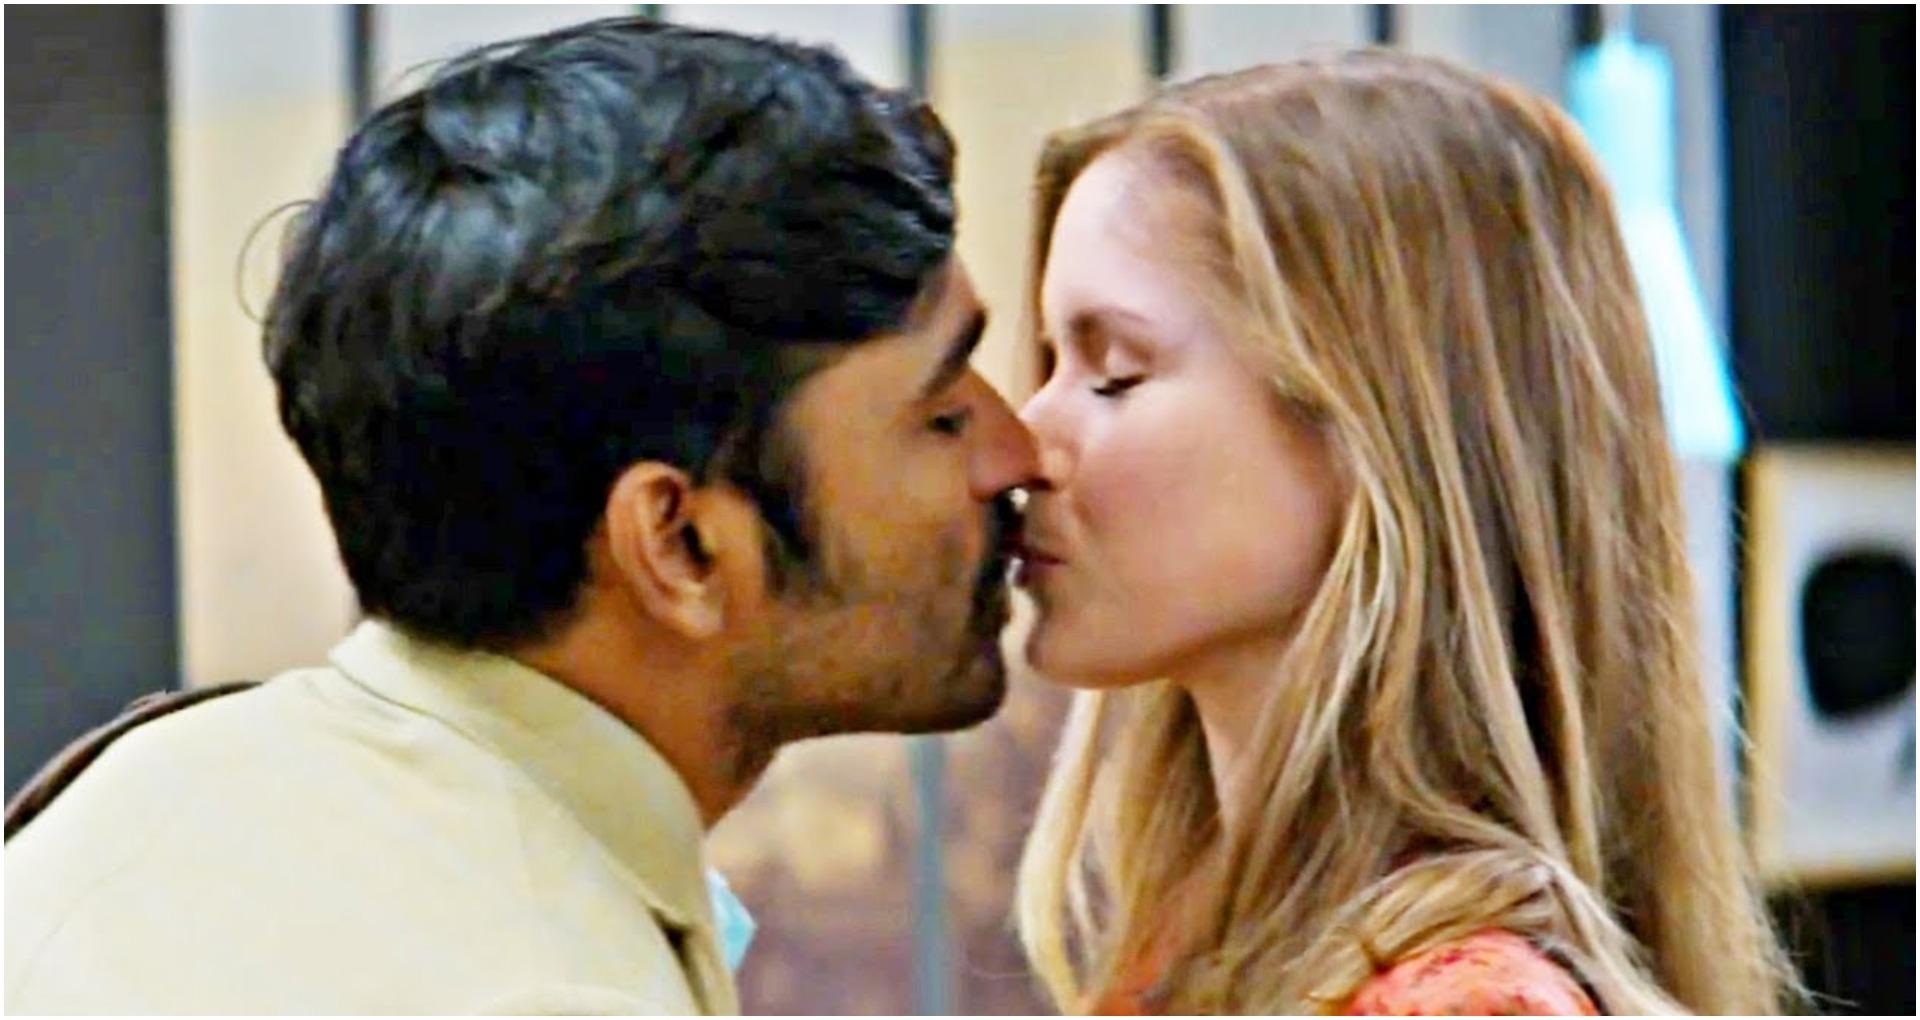 EXCLUSIVE: क्या रजनीकांत के साथ फिल्म करने जा रहे हैं धनुष? जानिए साउथ के सुपरस्टार का जवाब